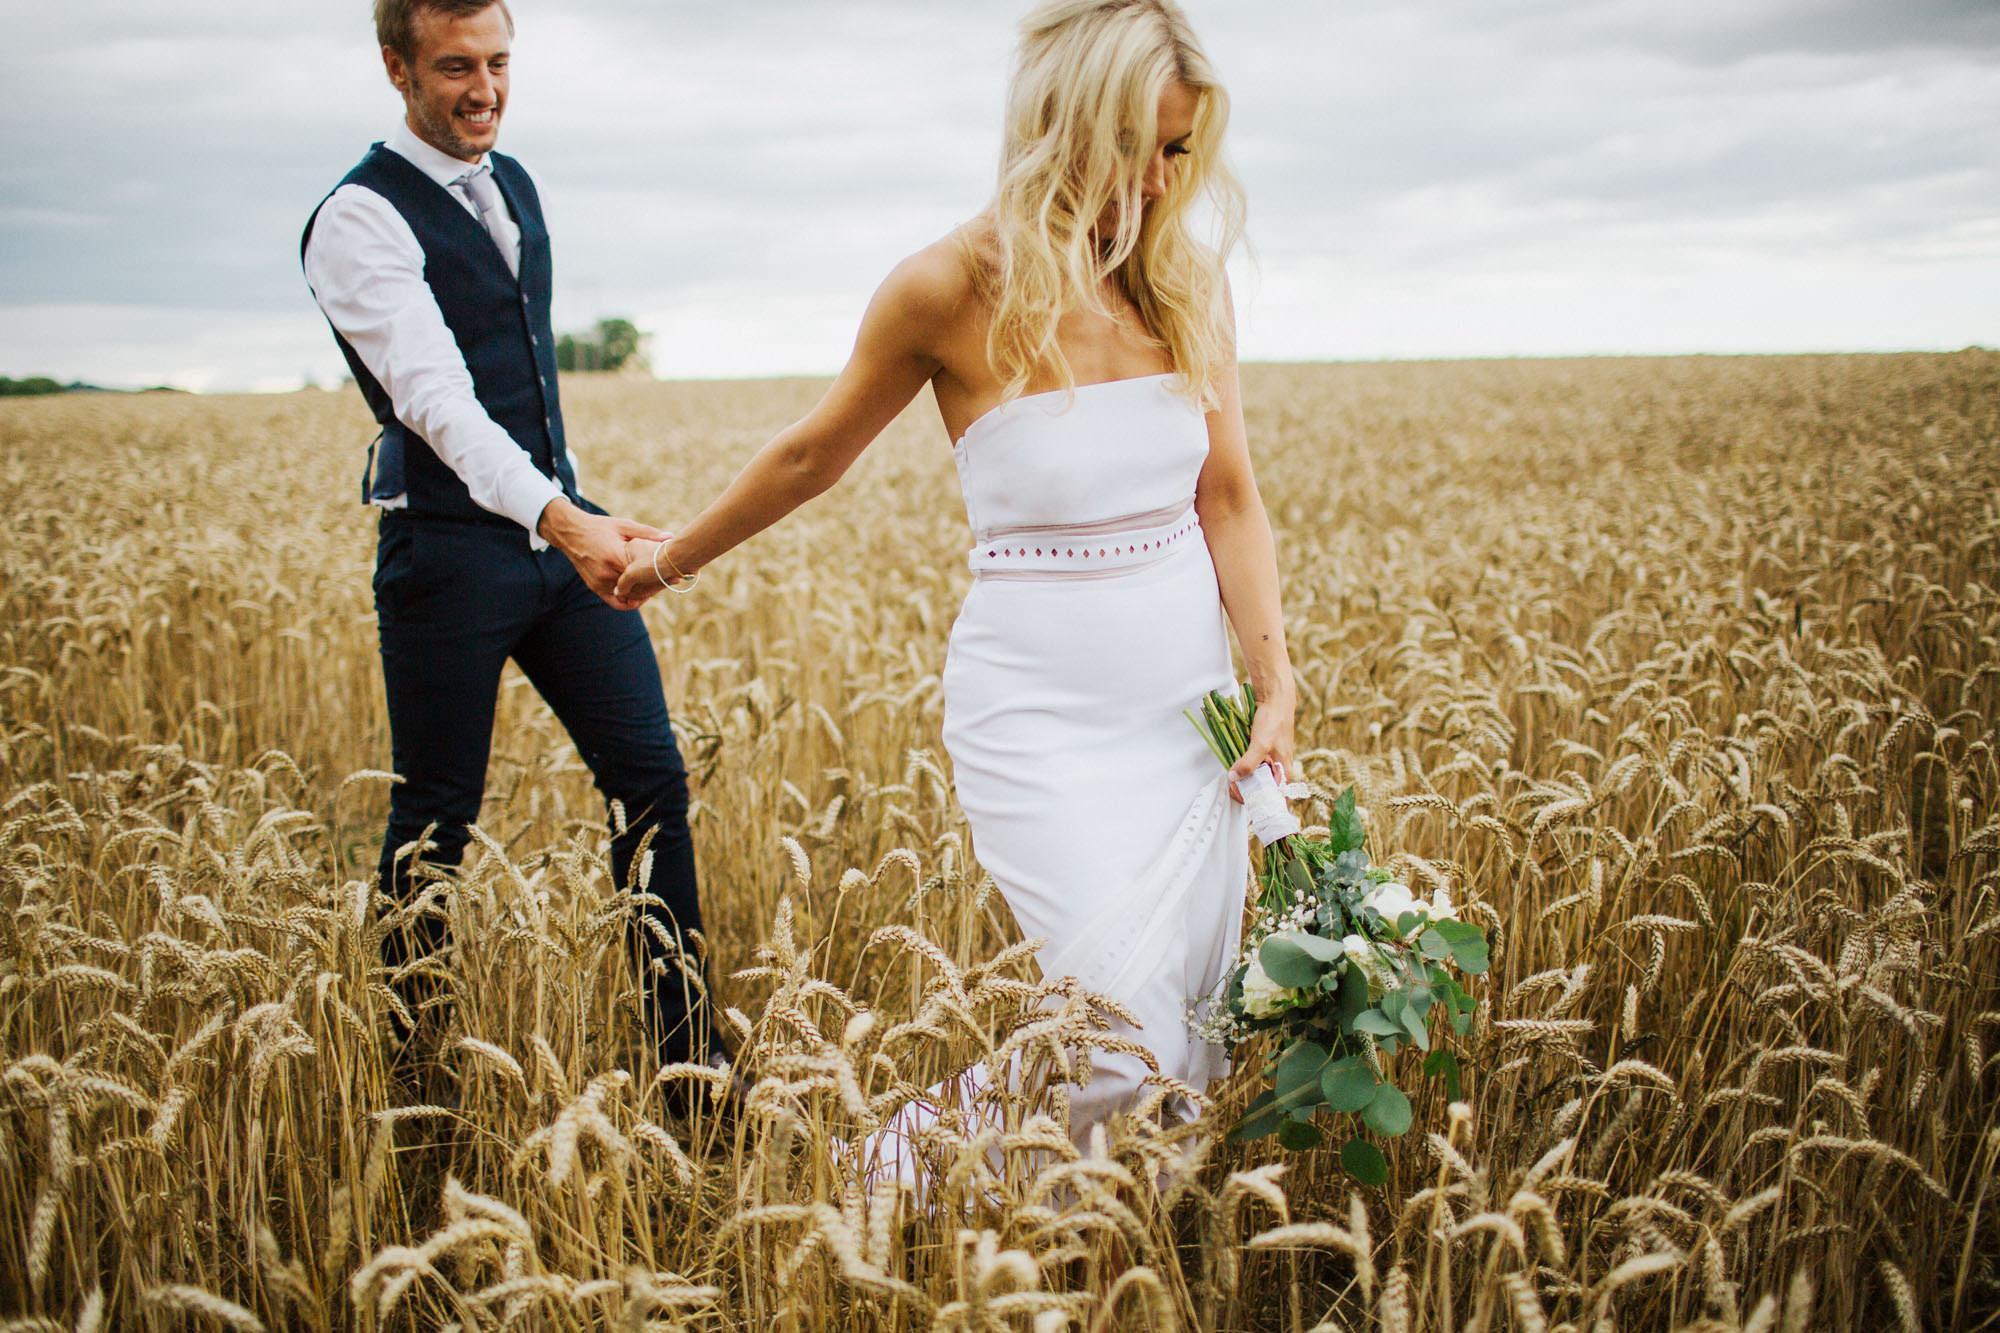 Binky Nixon - Storytelling, emotive wedding photography